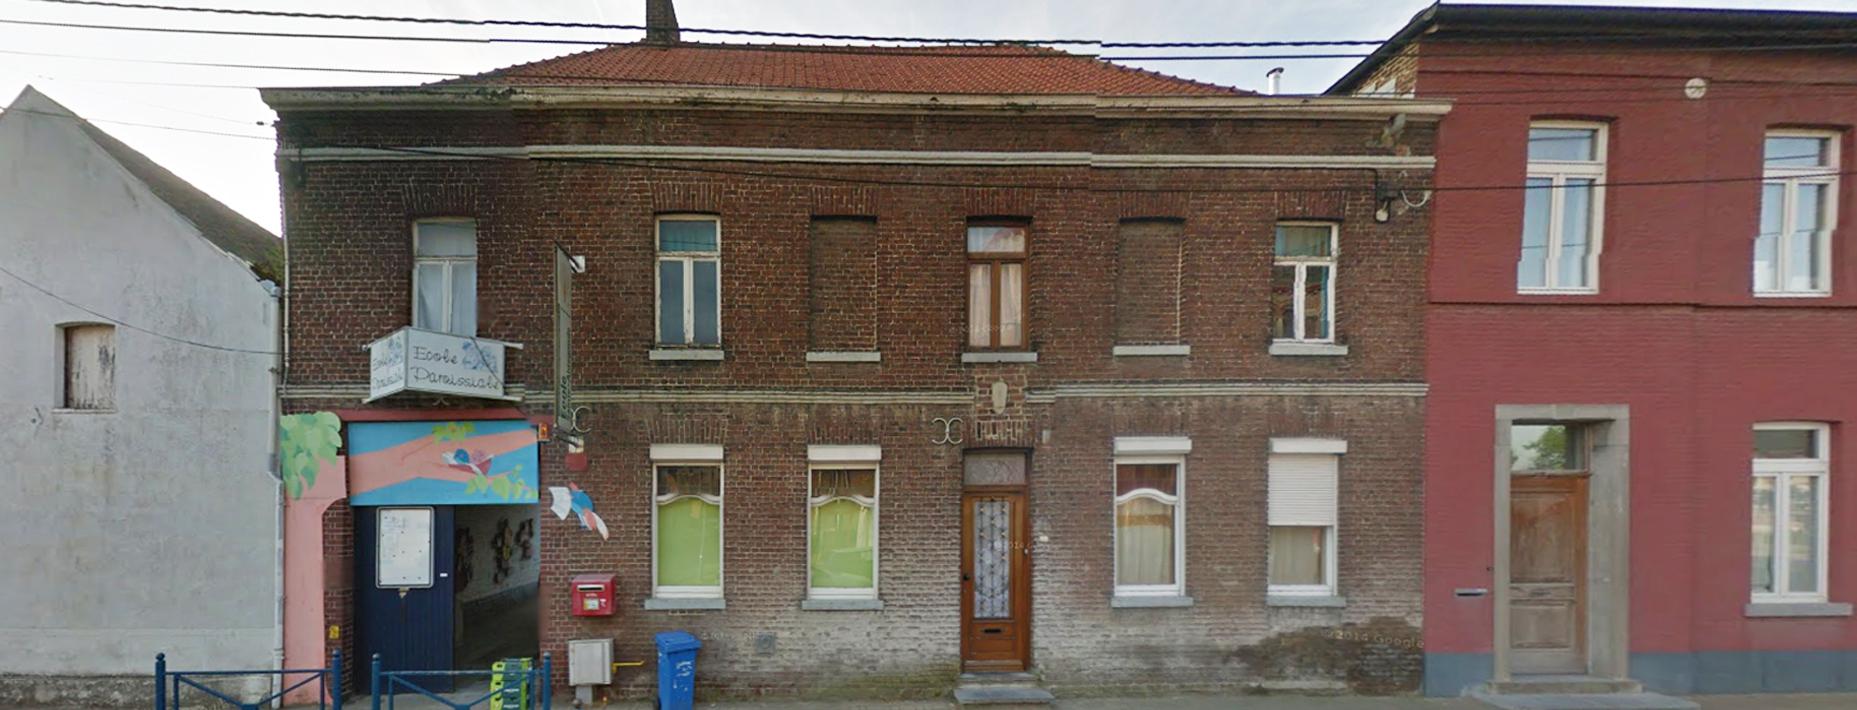 Ecole communale d'Hérinnes